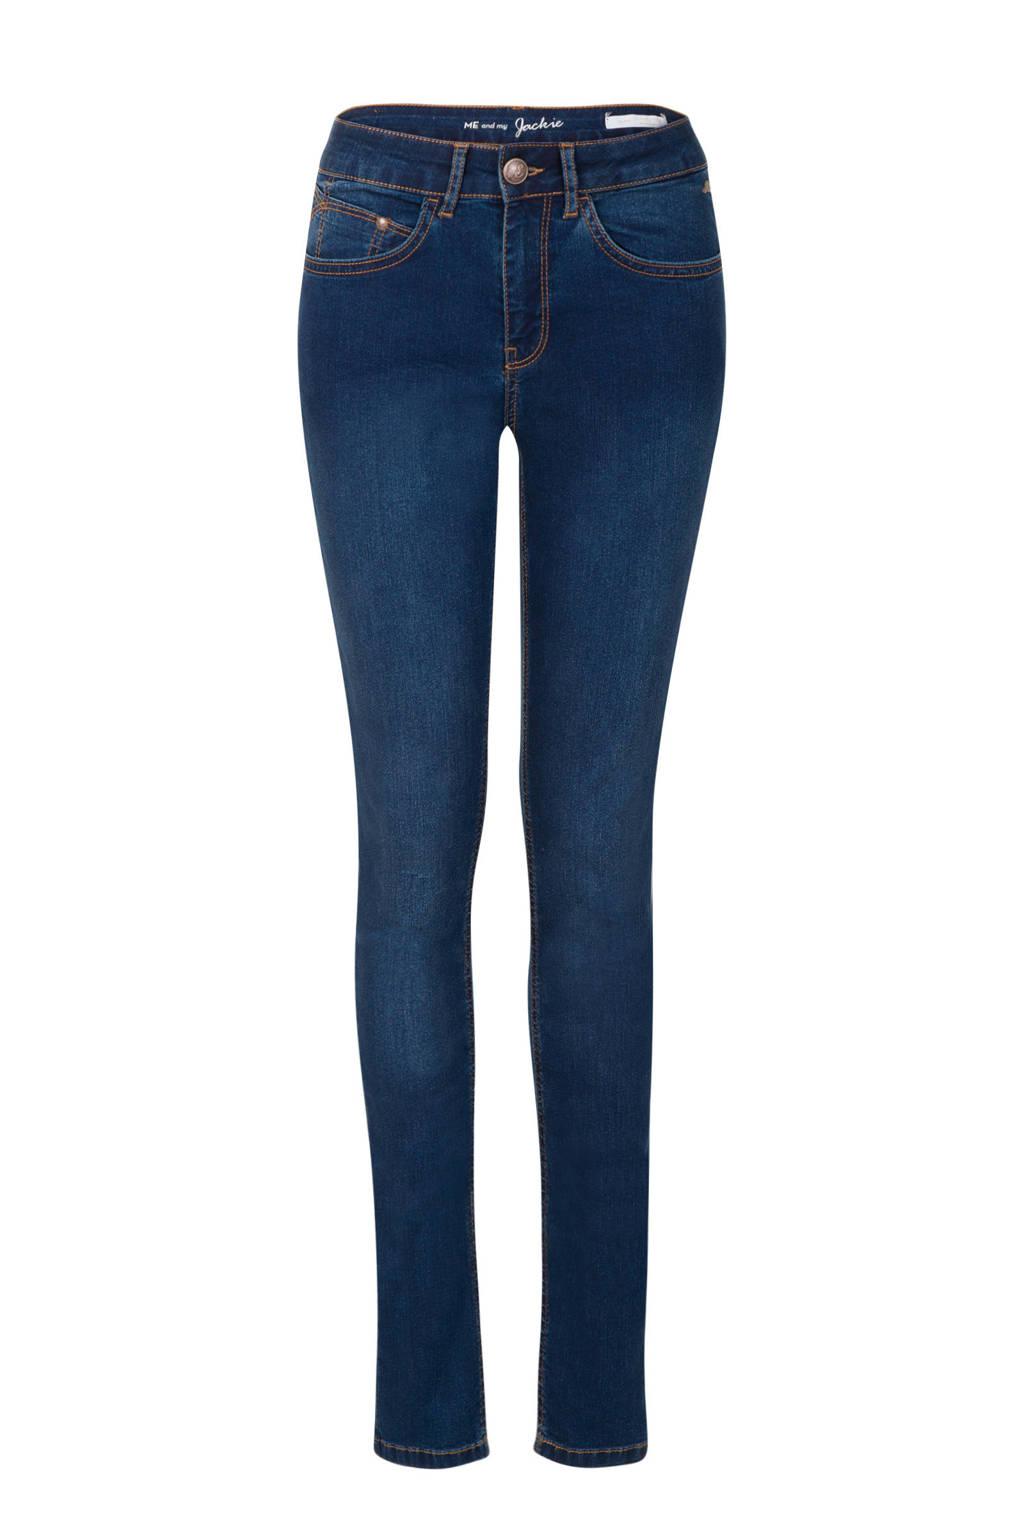 Miss Etam Regulier slim fit jeans Jackie dark denim, Denim